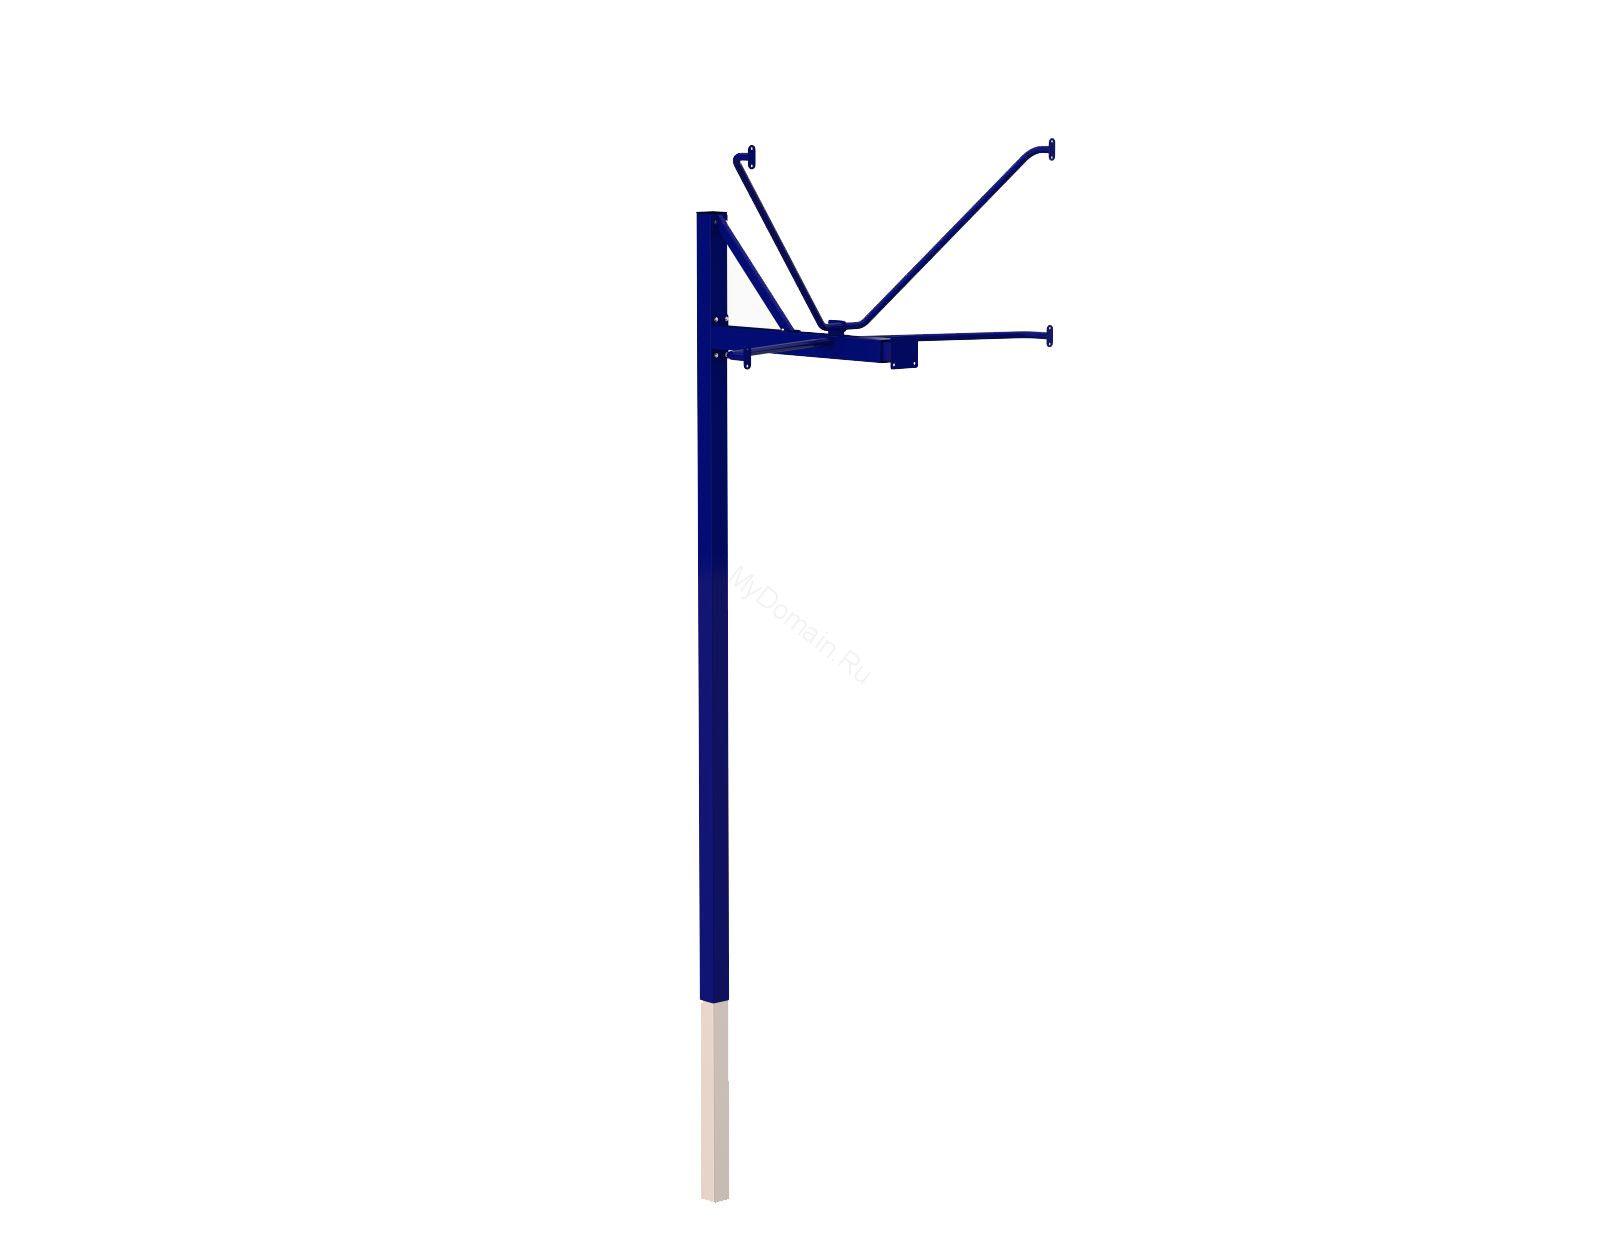 Стойка баскетбольная уличная одноопорная для тренировочного щита (900х1200 мм), вынос 1200 мм